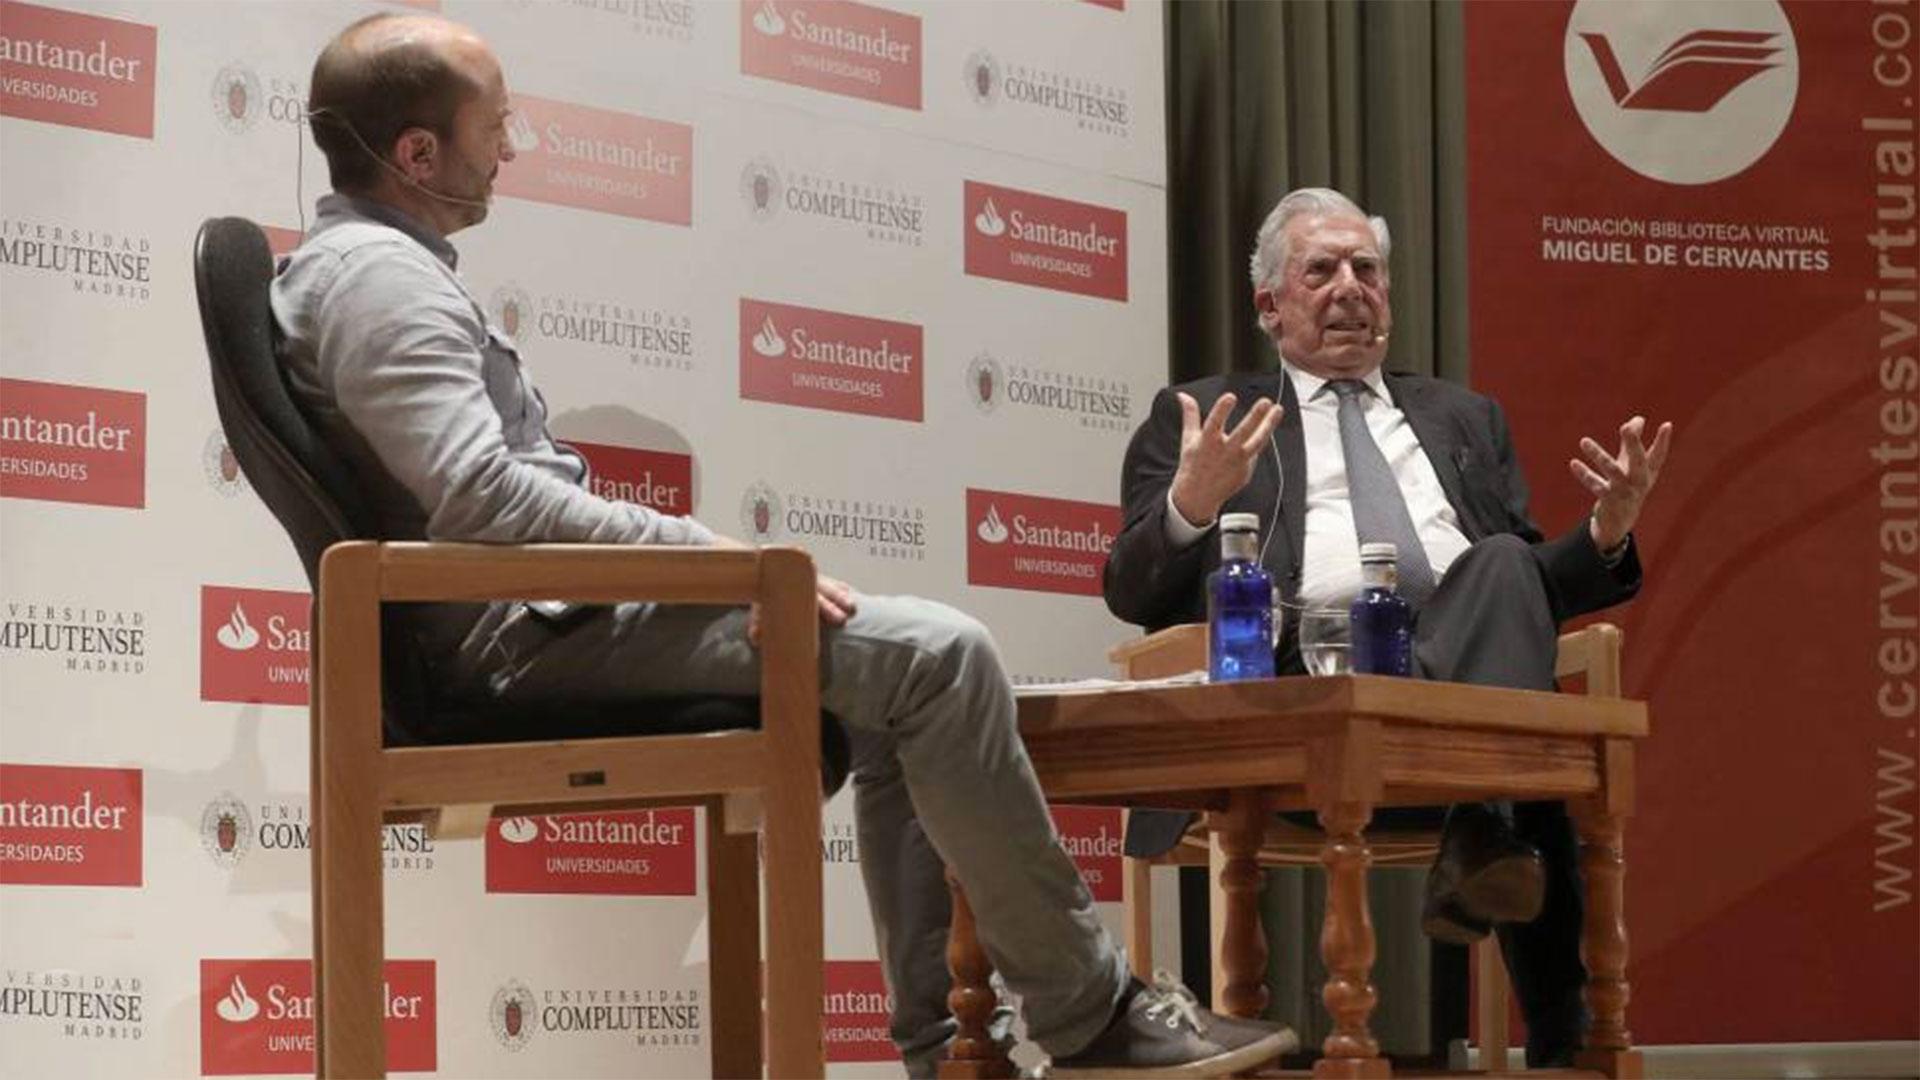 Mario Vargas Llosa dicta cátedra sobre Gabriel García Márquez [EN VIVO]